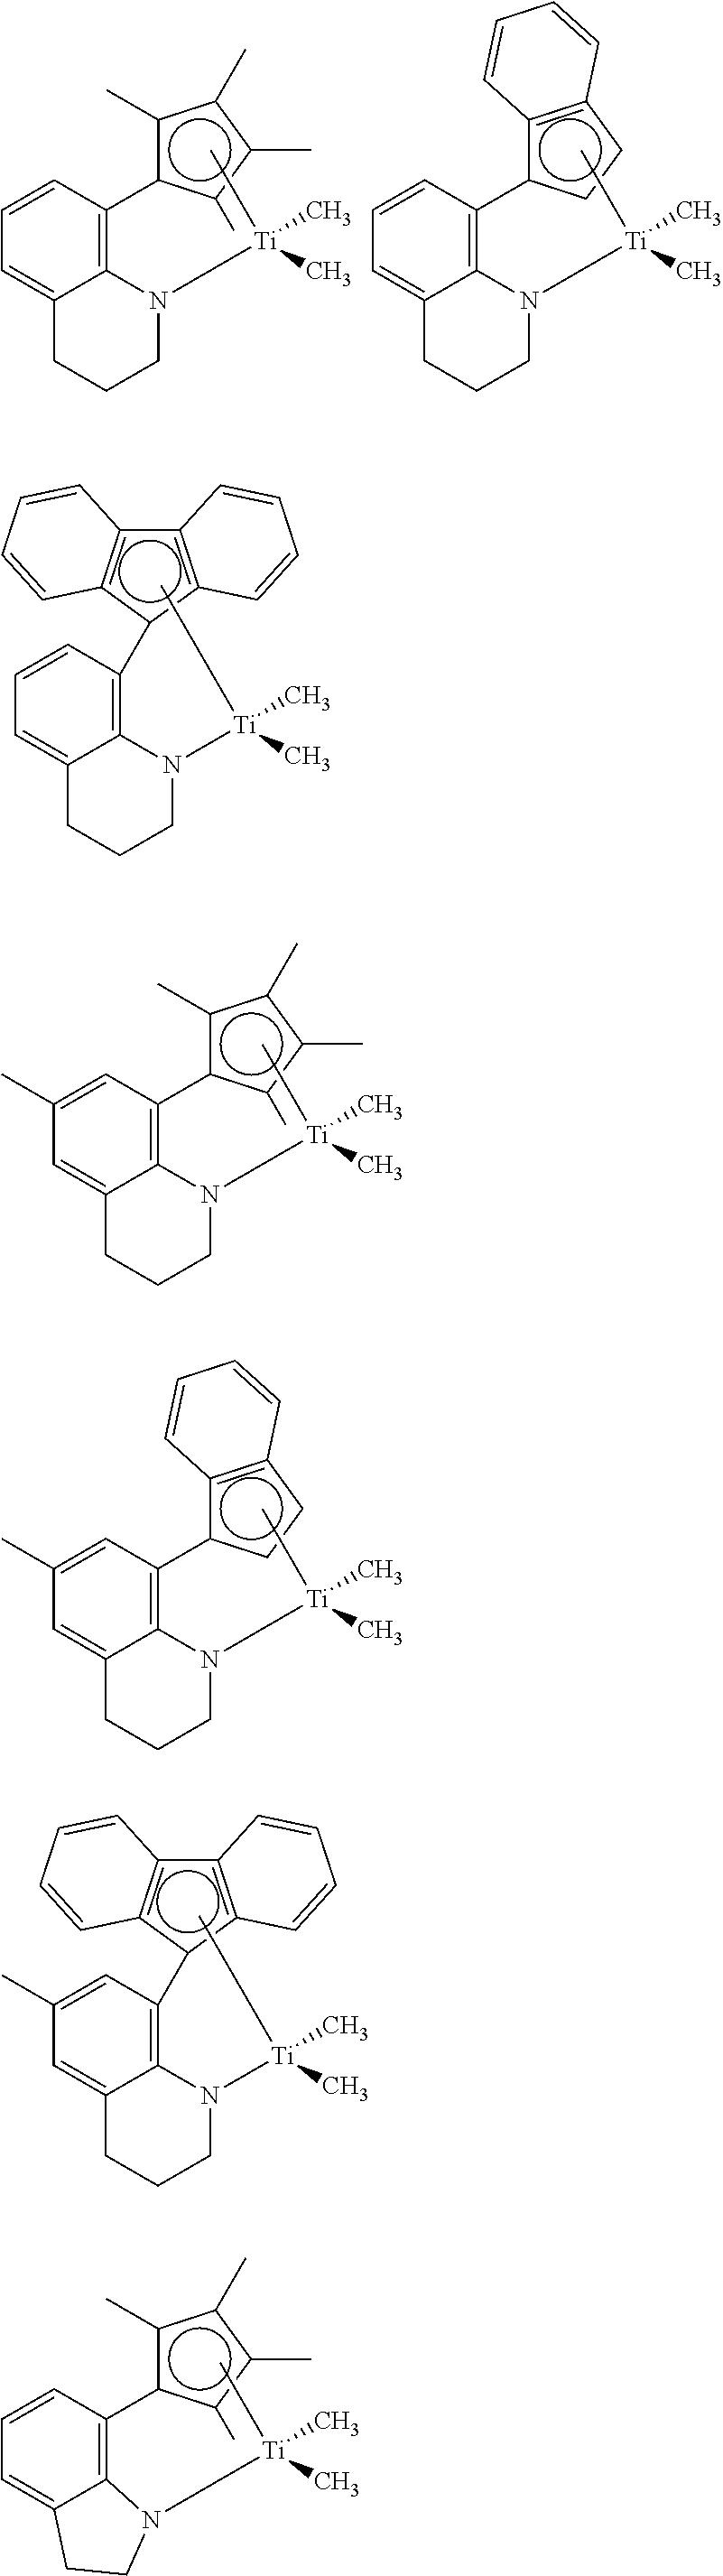 Figure US07932207-20110426-C00011